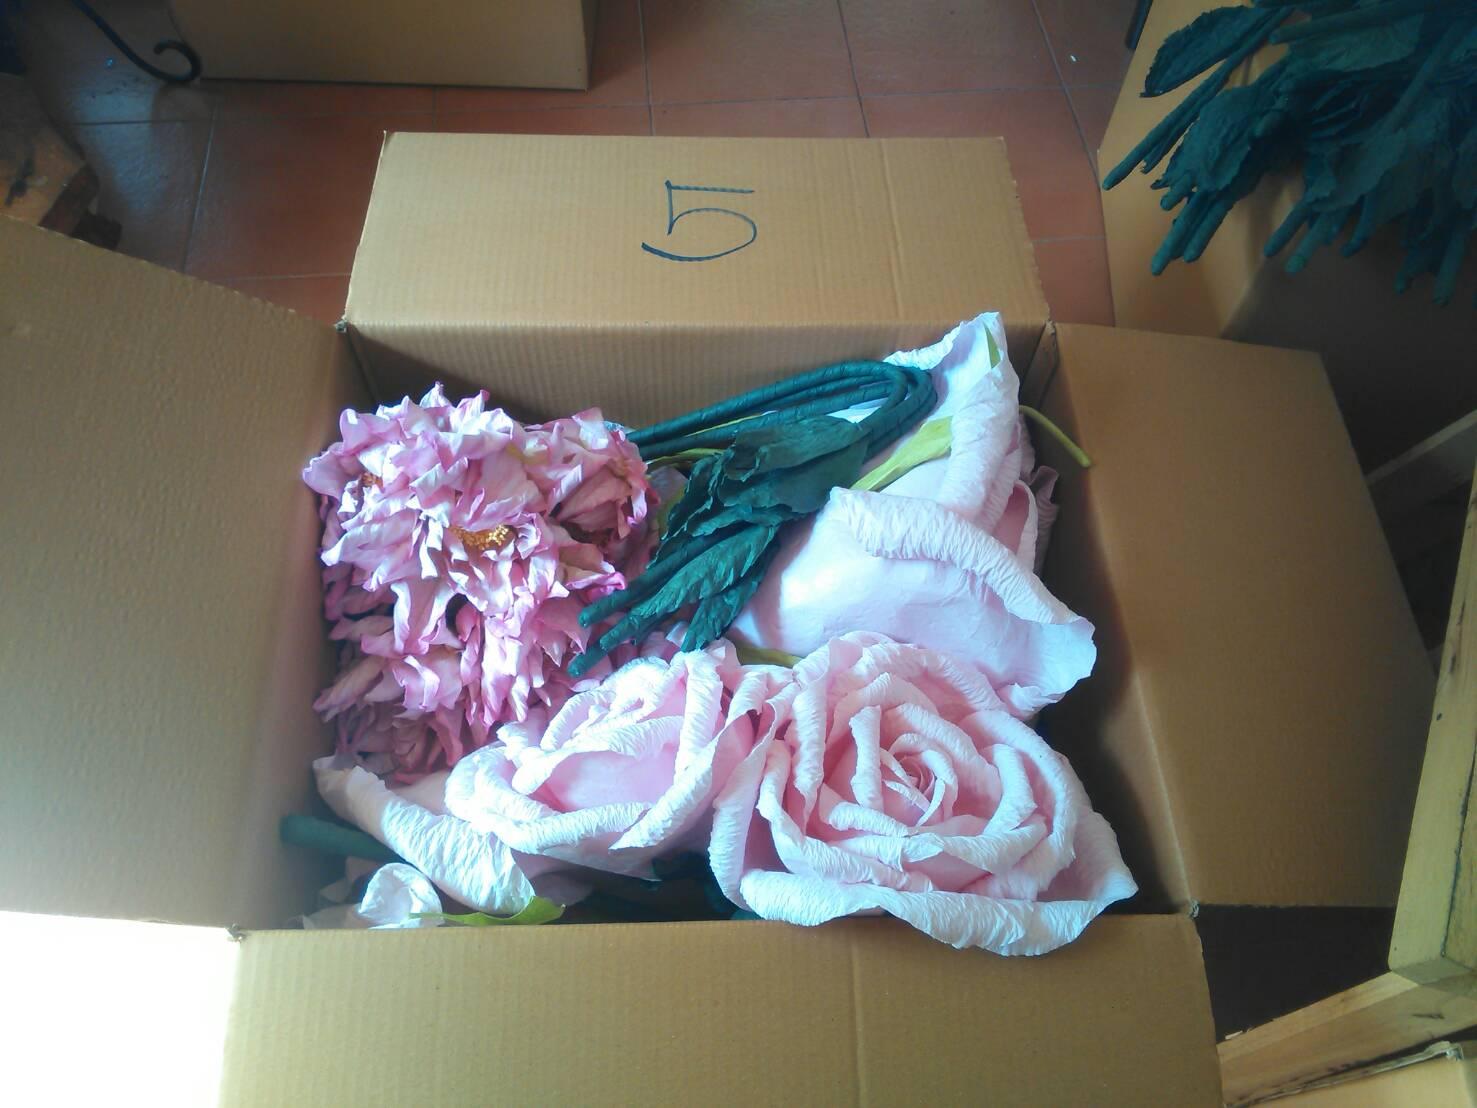 Shipment to Australia